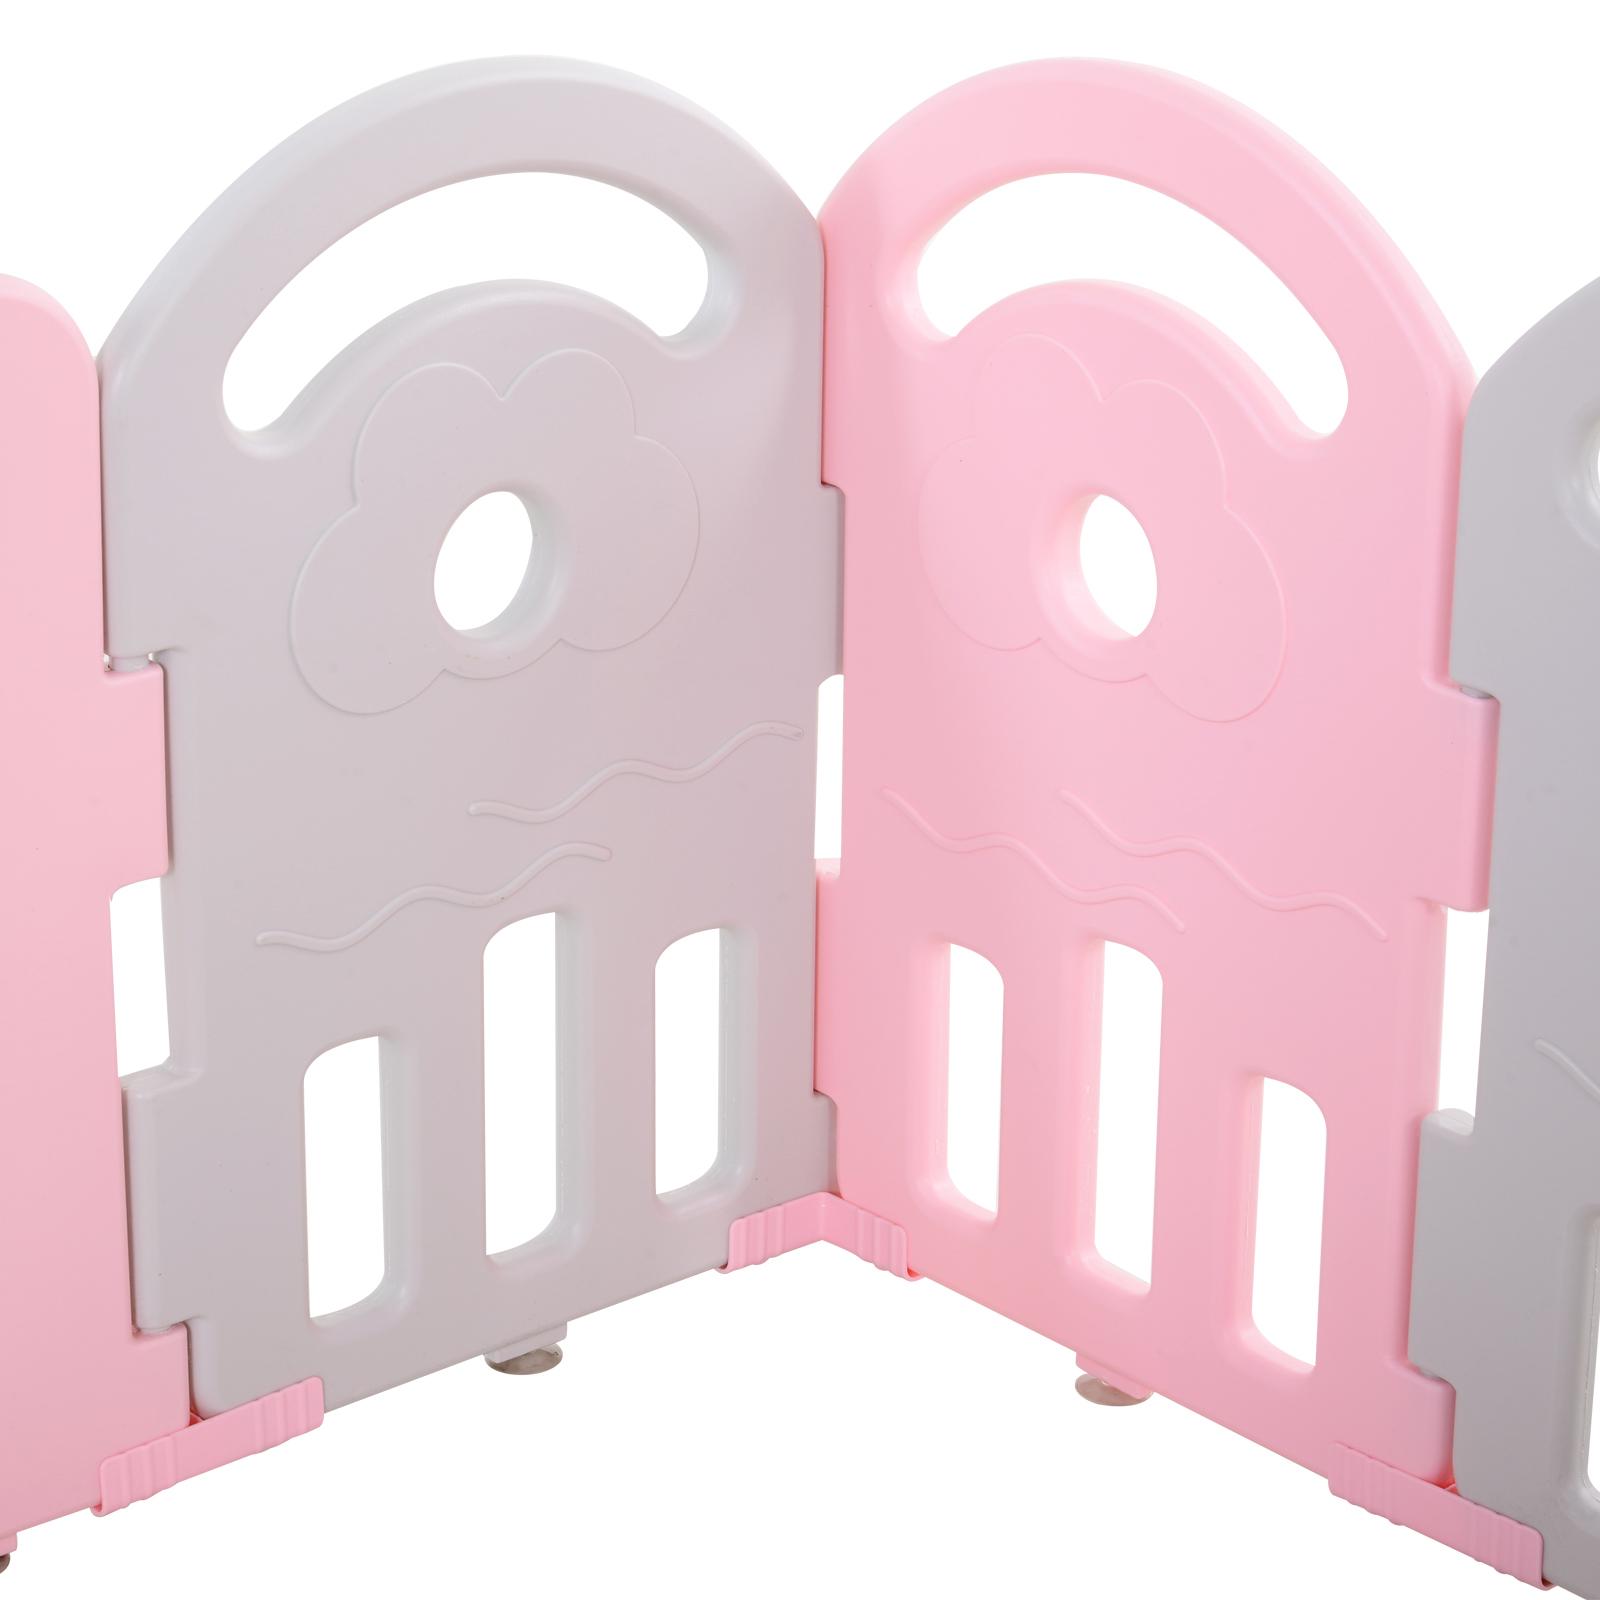 Qaba-14-Pcs-Safety-Children-Playpen-Pink-Game-Panel-Anti-Pushing-Over thumbnail 28